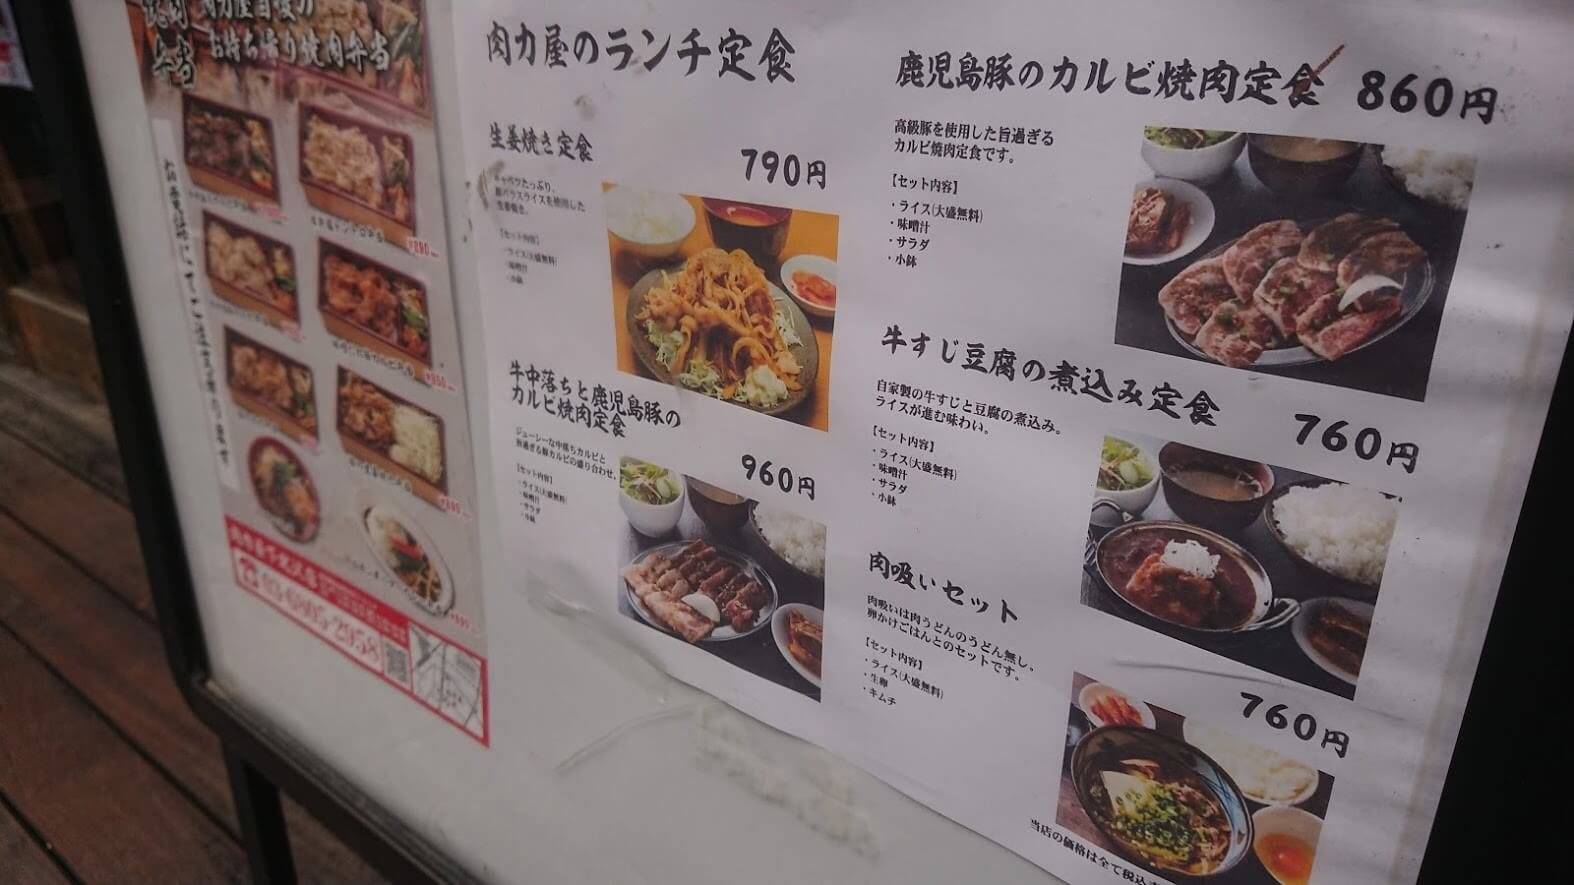 大衆ホルモン肉力屋 下北沢店 テイクアウト写真